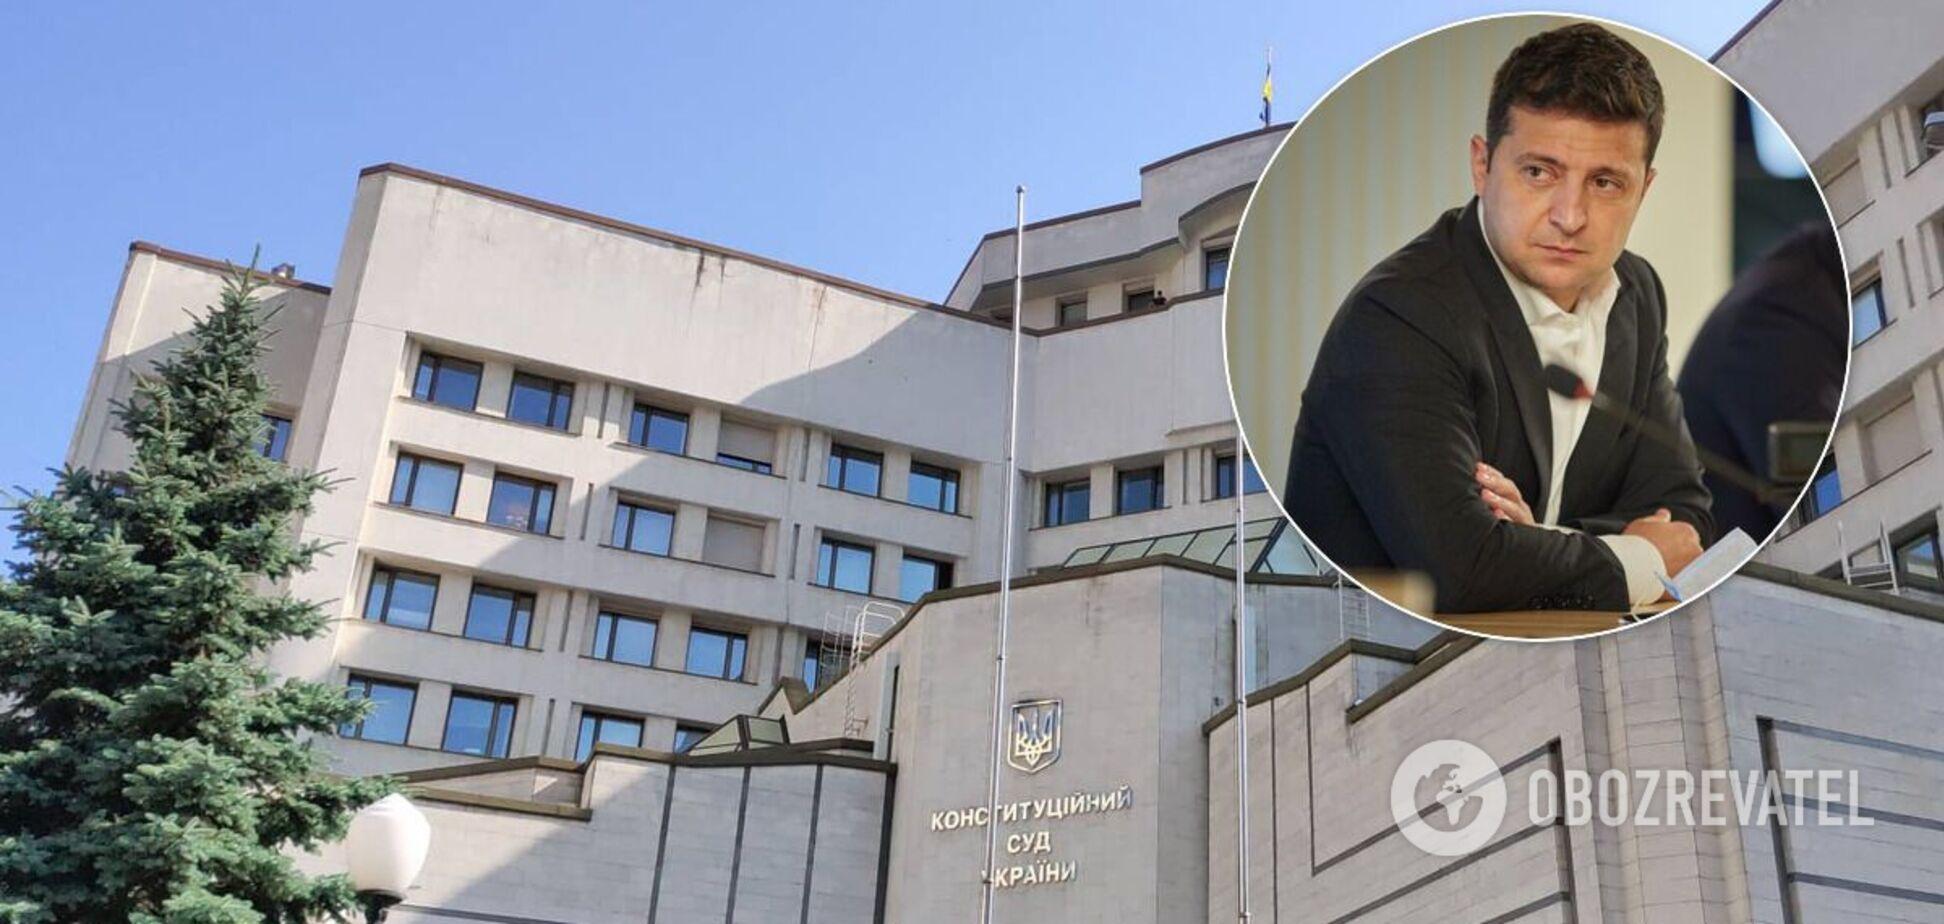 Зеленський висловився про скандал із КСУ